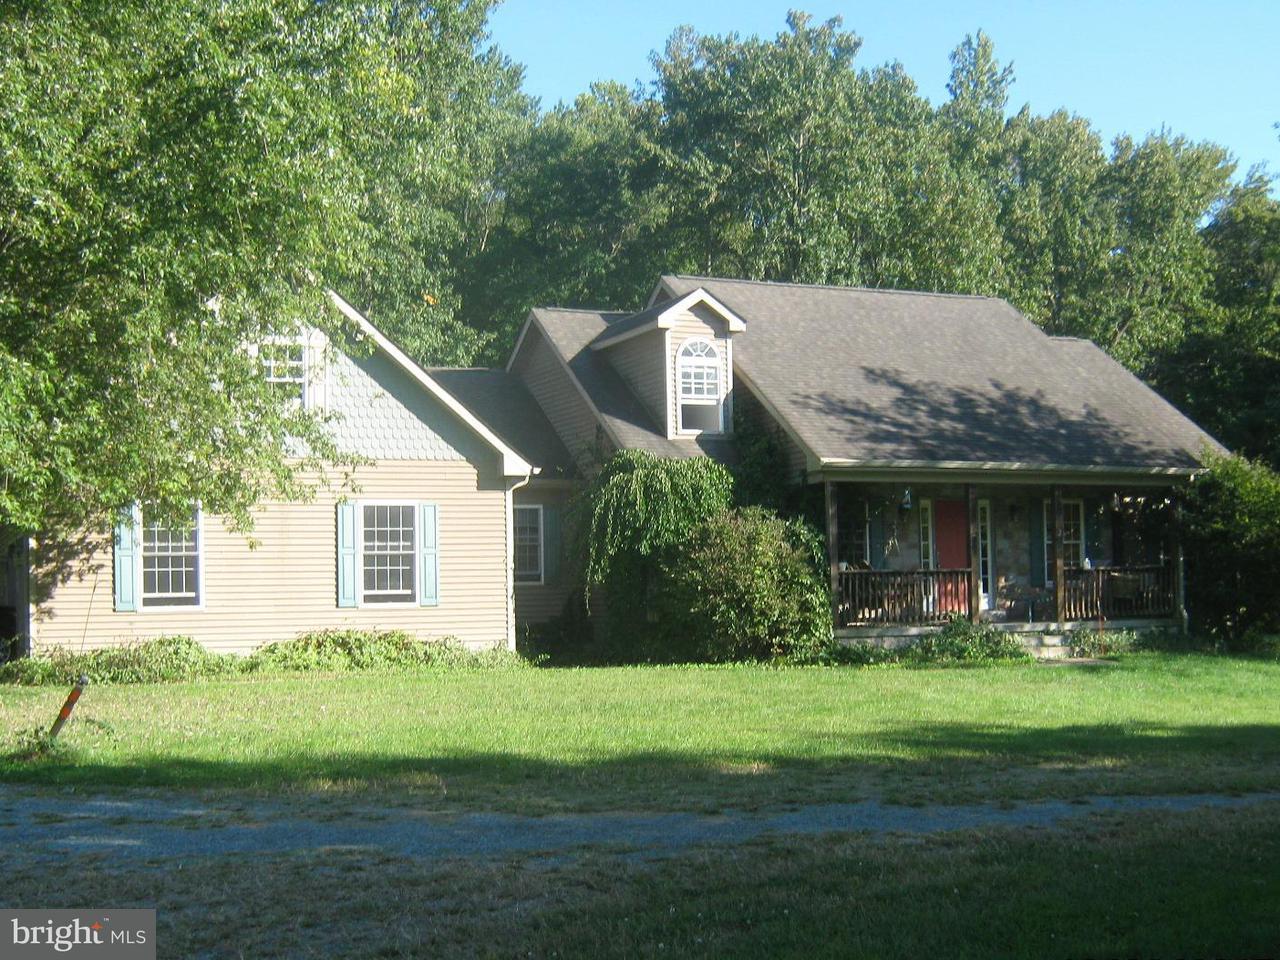 Casa Unifamiliar por un Venta en 2 Eagleaire Way 2 Eagleaire Way North East, Maryland 21901 Estados Unidos